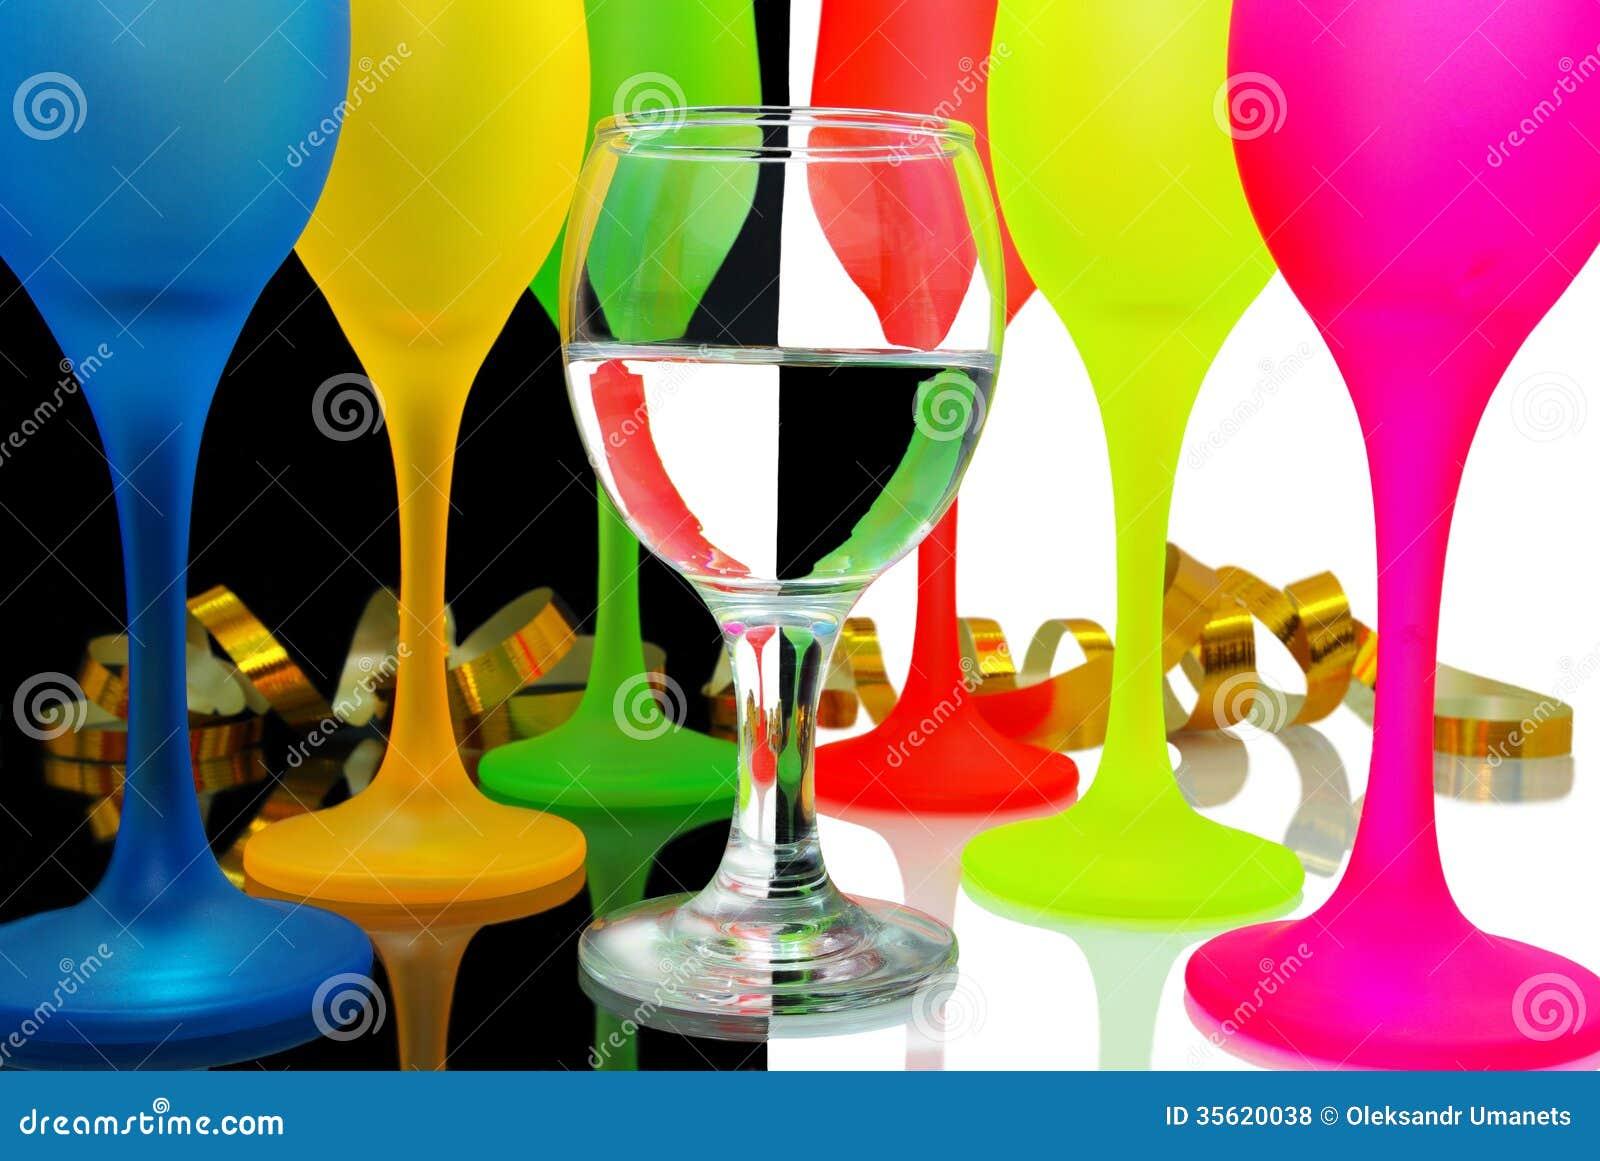 verres de vin color s sur un backgrou noir et blanc photos libres de droits image 35620038. Black Bedroom Furniture Sets. Home Design Ideas